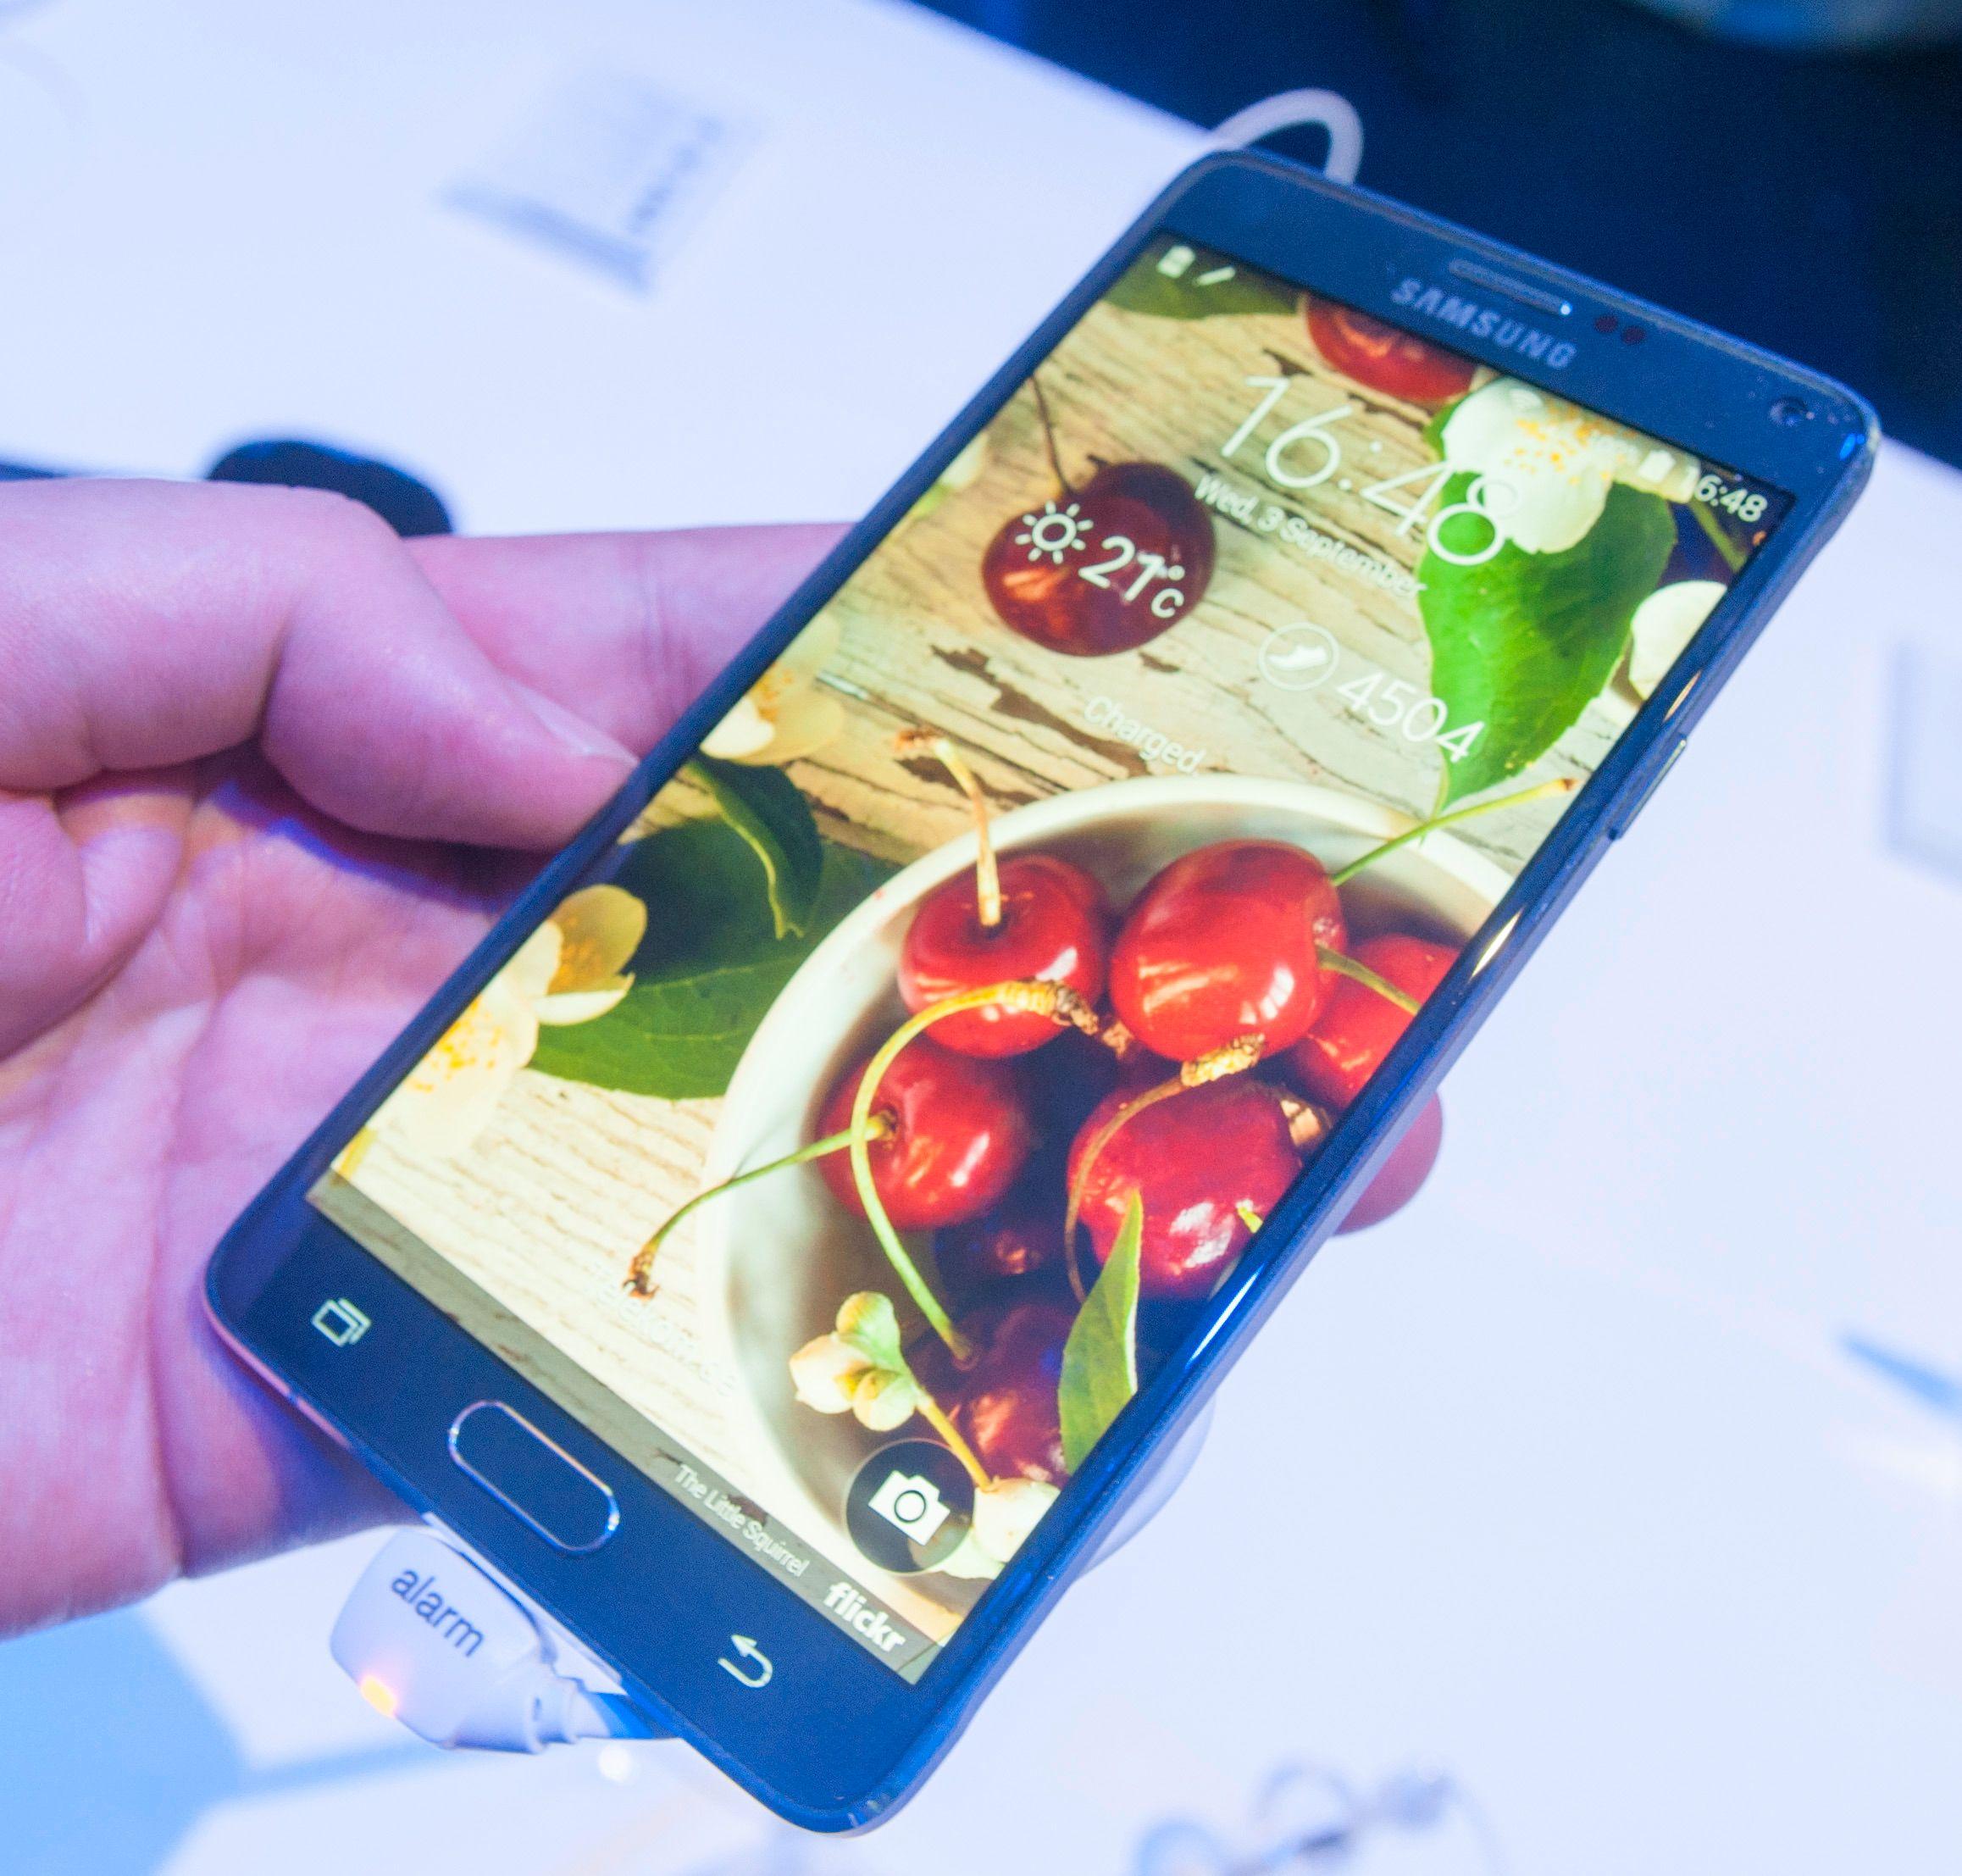 Den flotte skjermen er ett av mange høydepunkt ved Galaxy Note 4. .Foto: Finn Jarle Kvalheim, Amobil.no